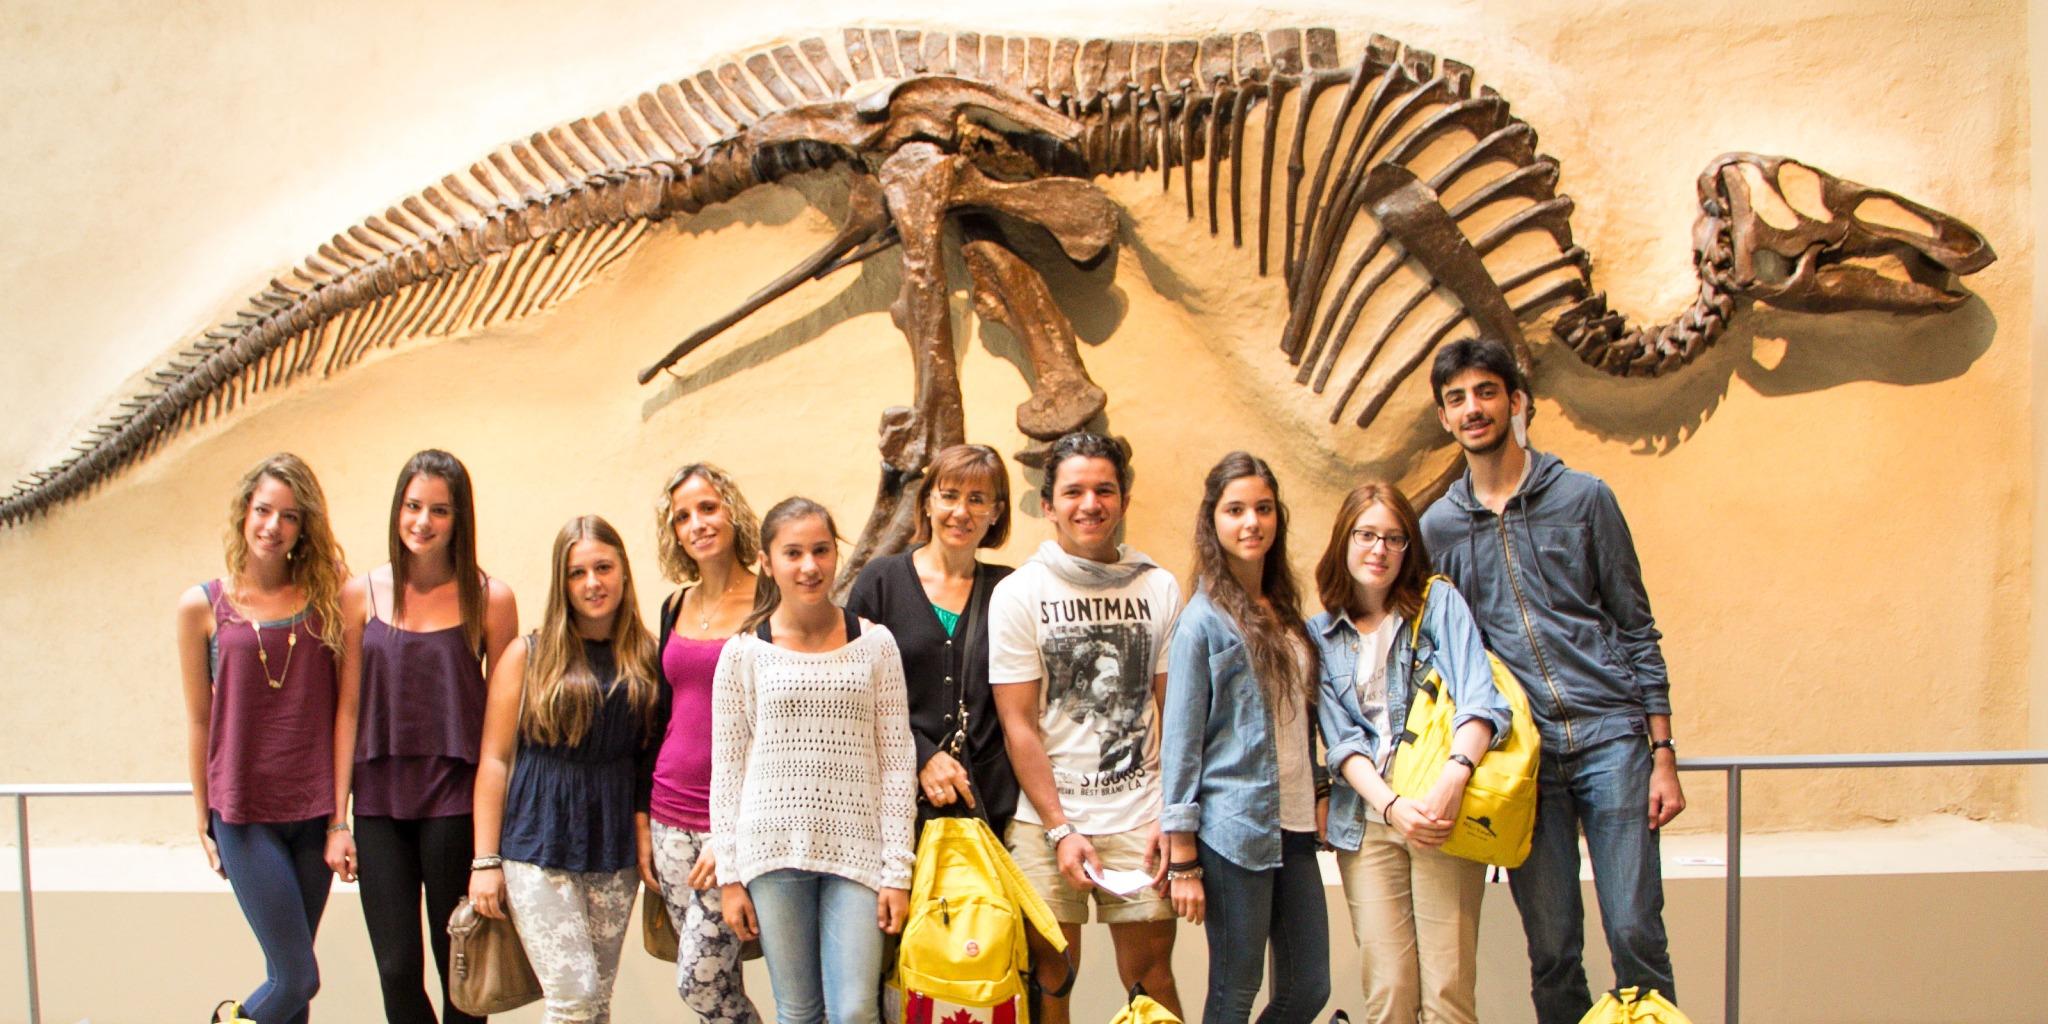 ISI国際学院 ジュニア 中高生 短期留学 カナダ トロント アクティビティ 博物館 恐竜 化石 友達 遠足